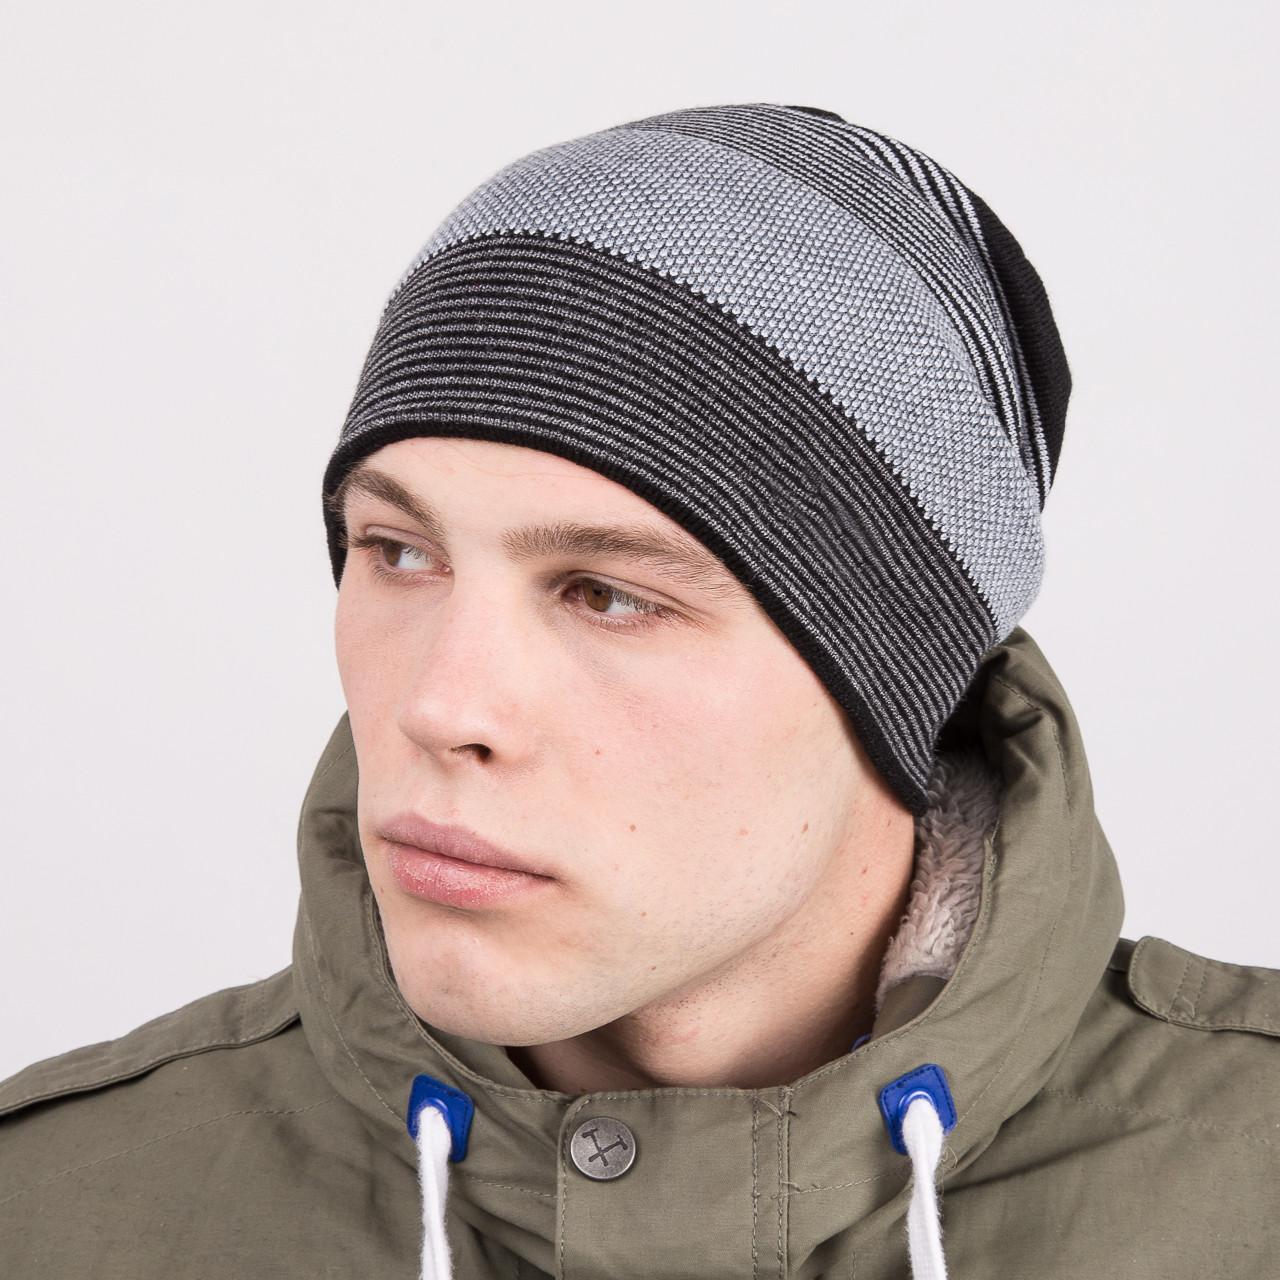 Мужская вязаная шапка колпак на зиму - Артикул m63b